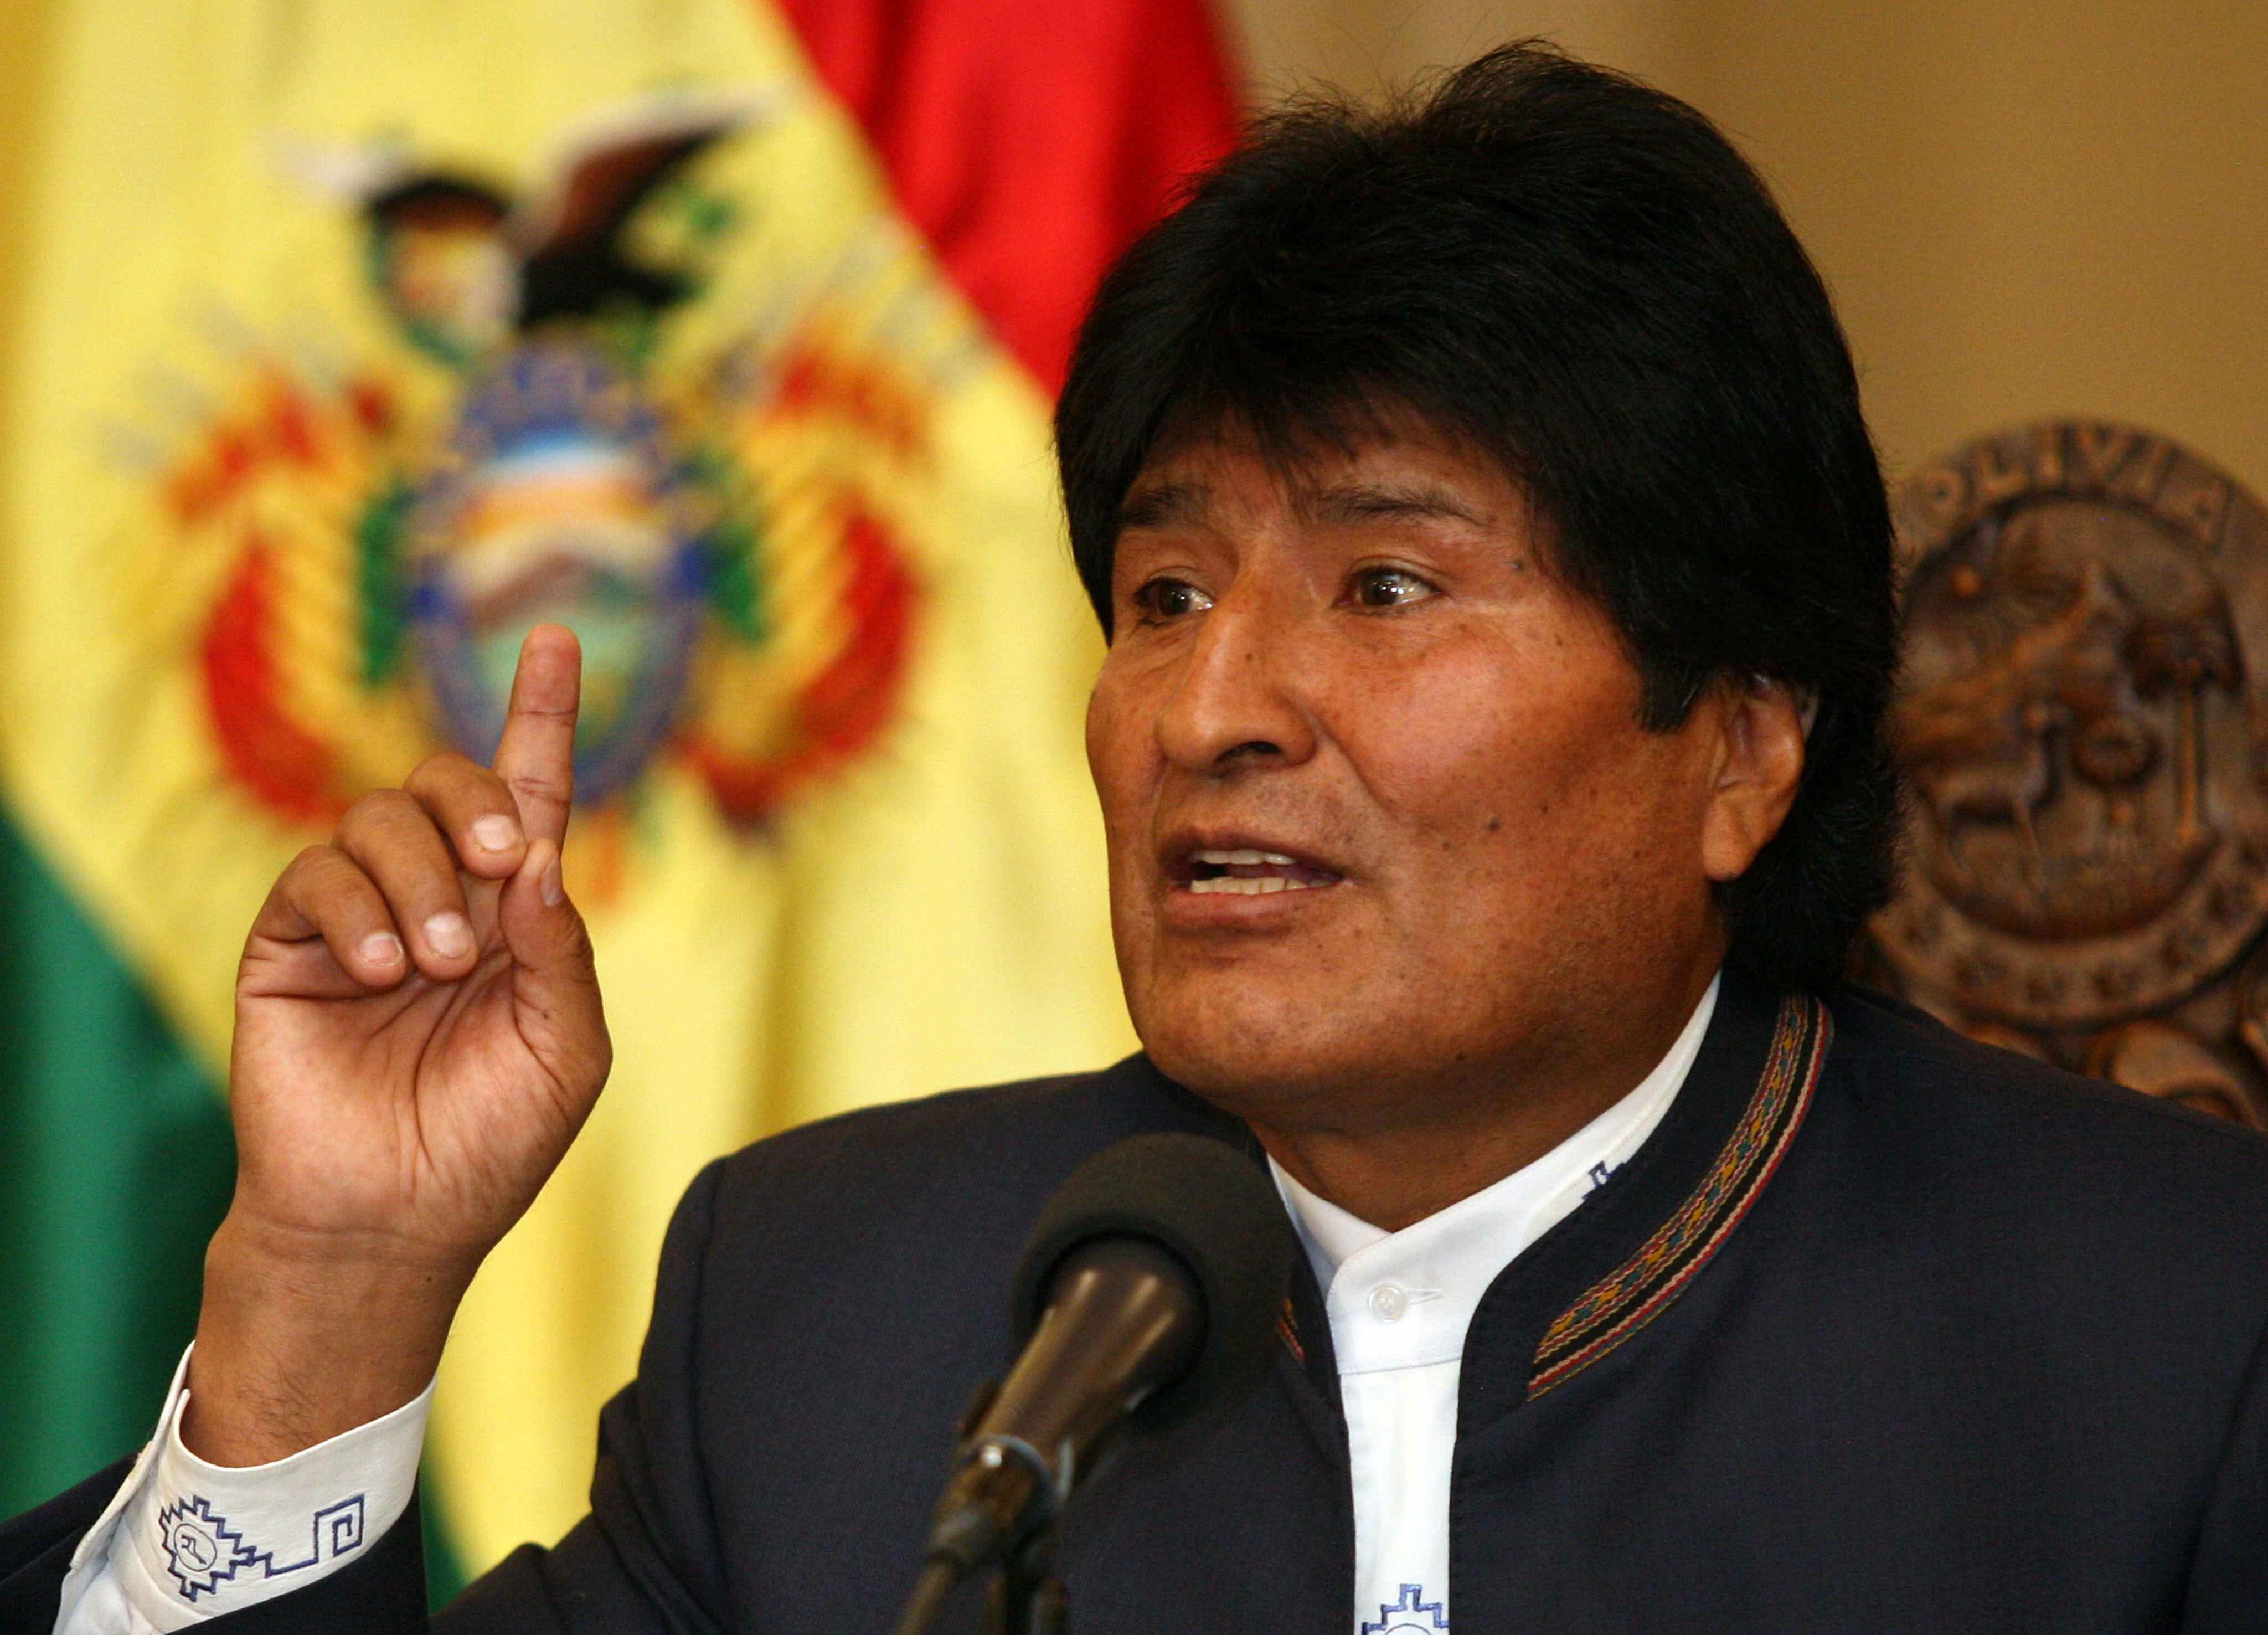 Trump busca apropiarse del petróleo de Venezuela, dice Evo Morales